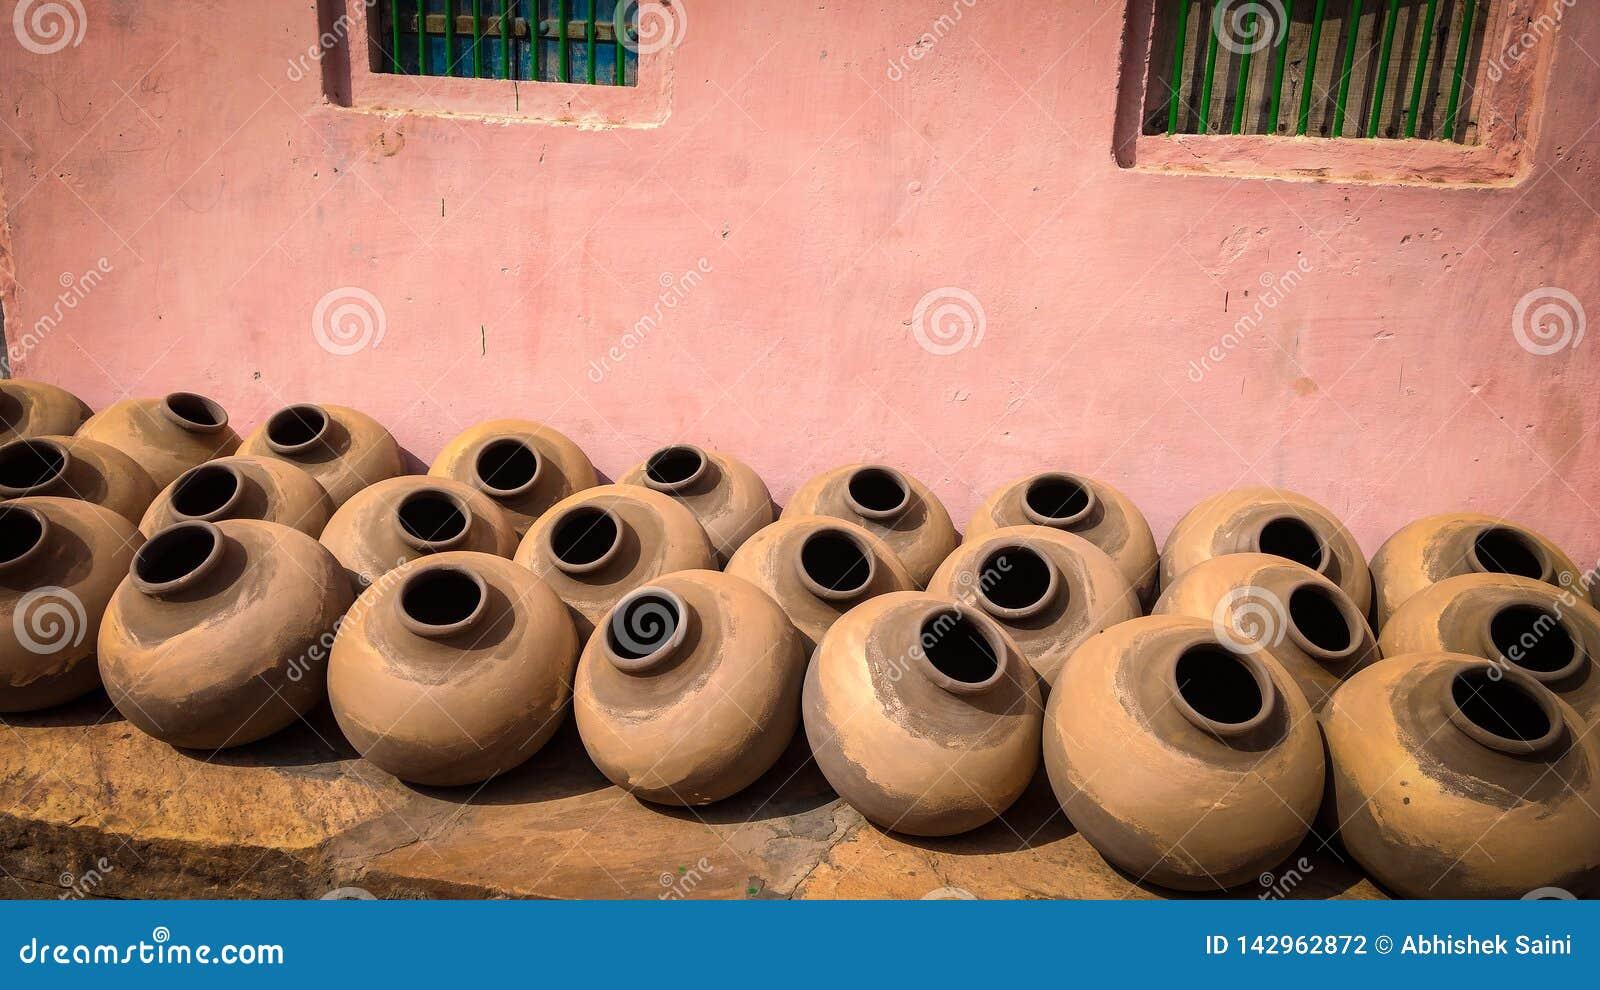 Ινδικά παραδοσιακά χειροποίητα δοχεία αργίλου για το πόσιμο νερό